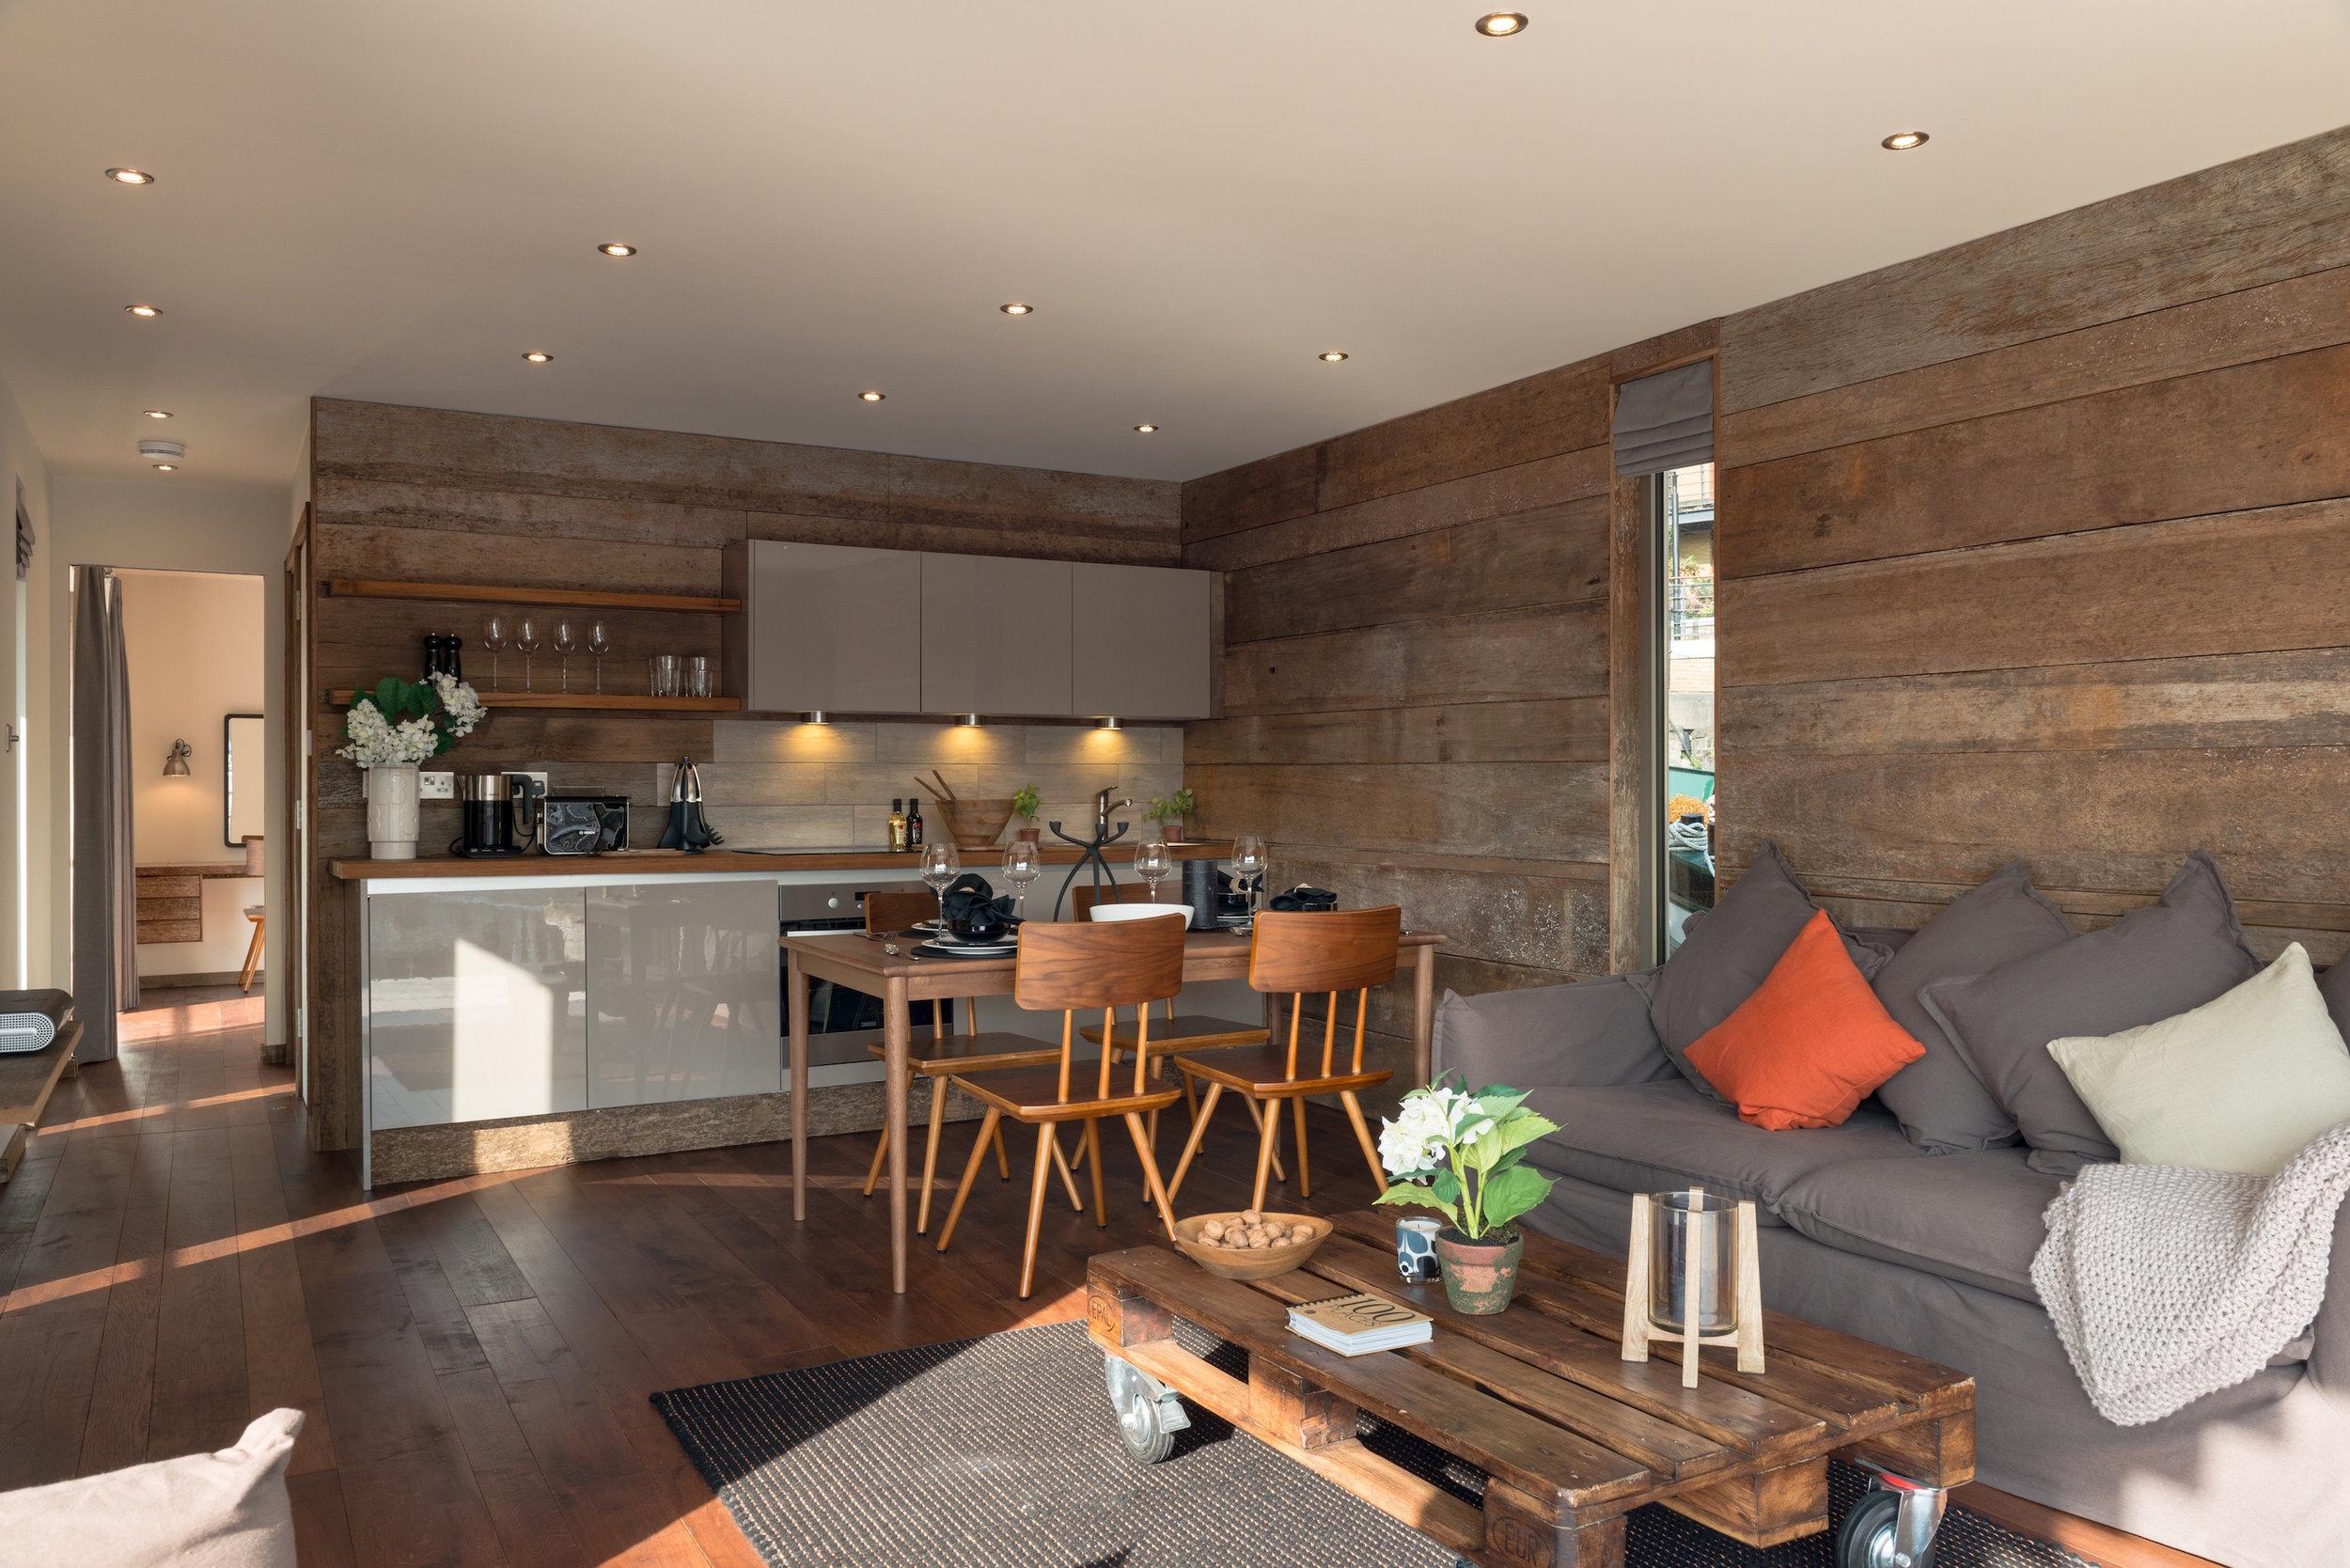 Eco home kitchen.jpg